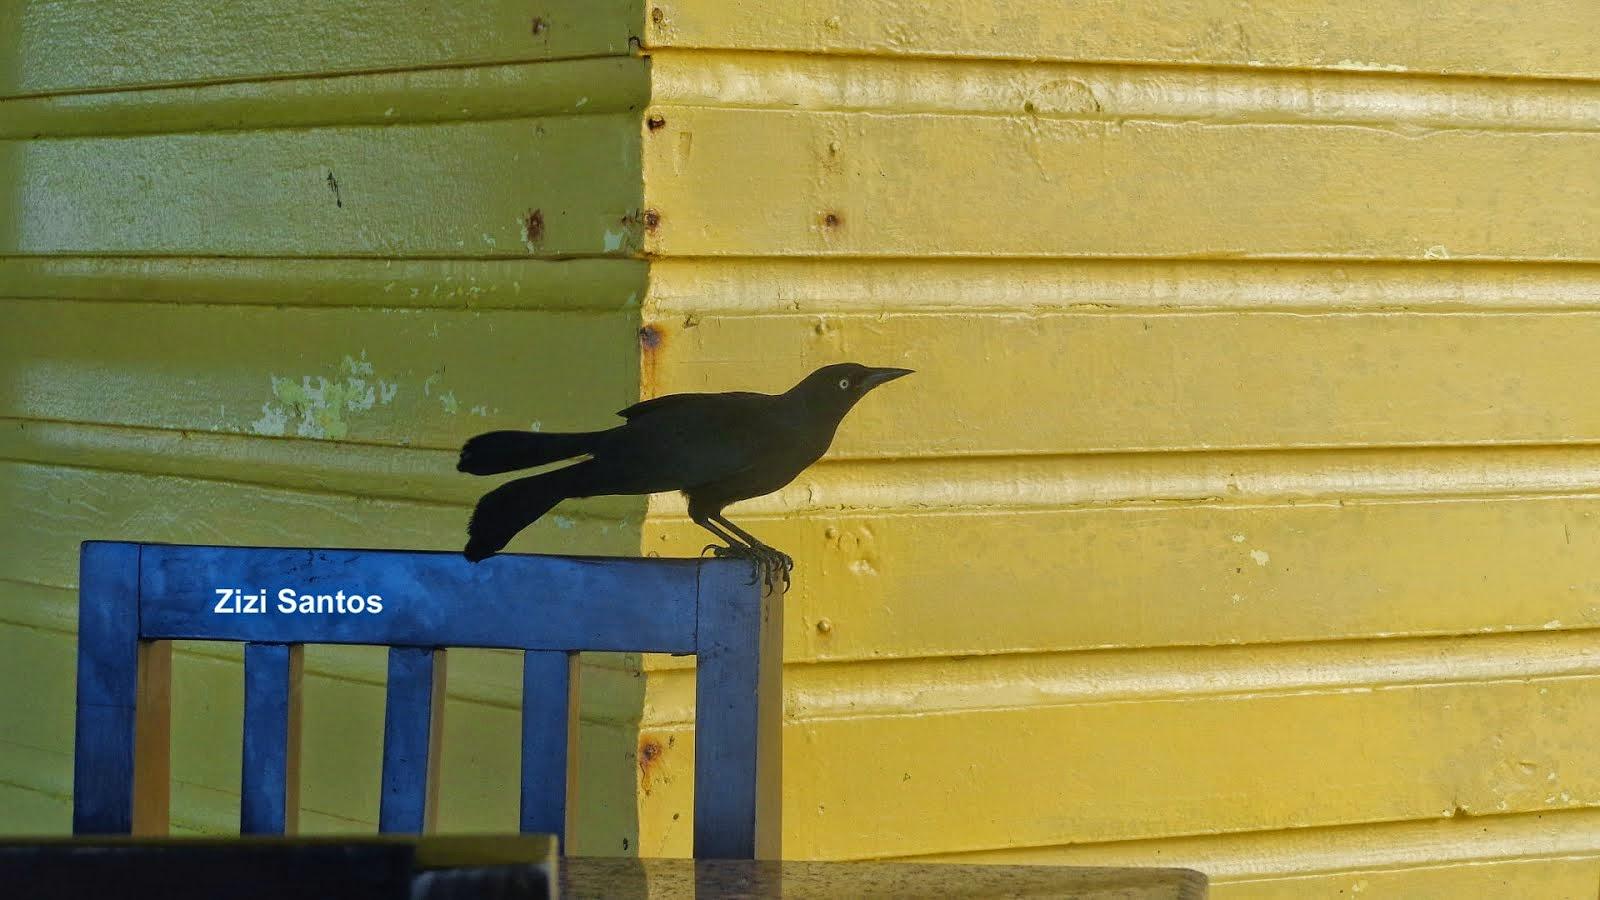 Atos sao pássaros engailoados,  sentimentos são passaros em vôo.